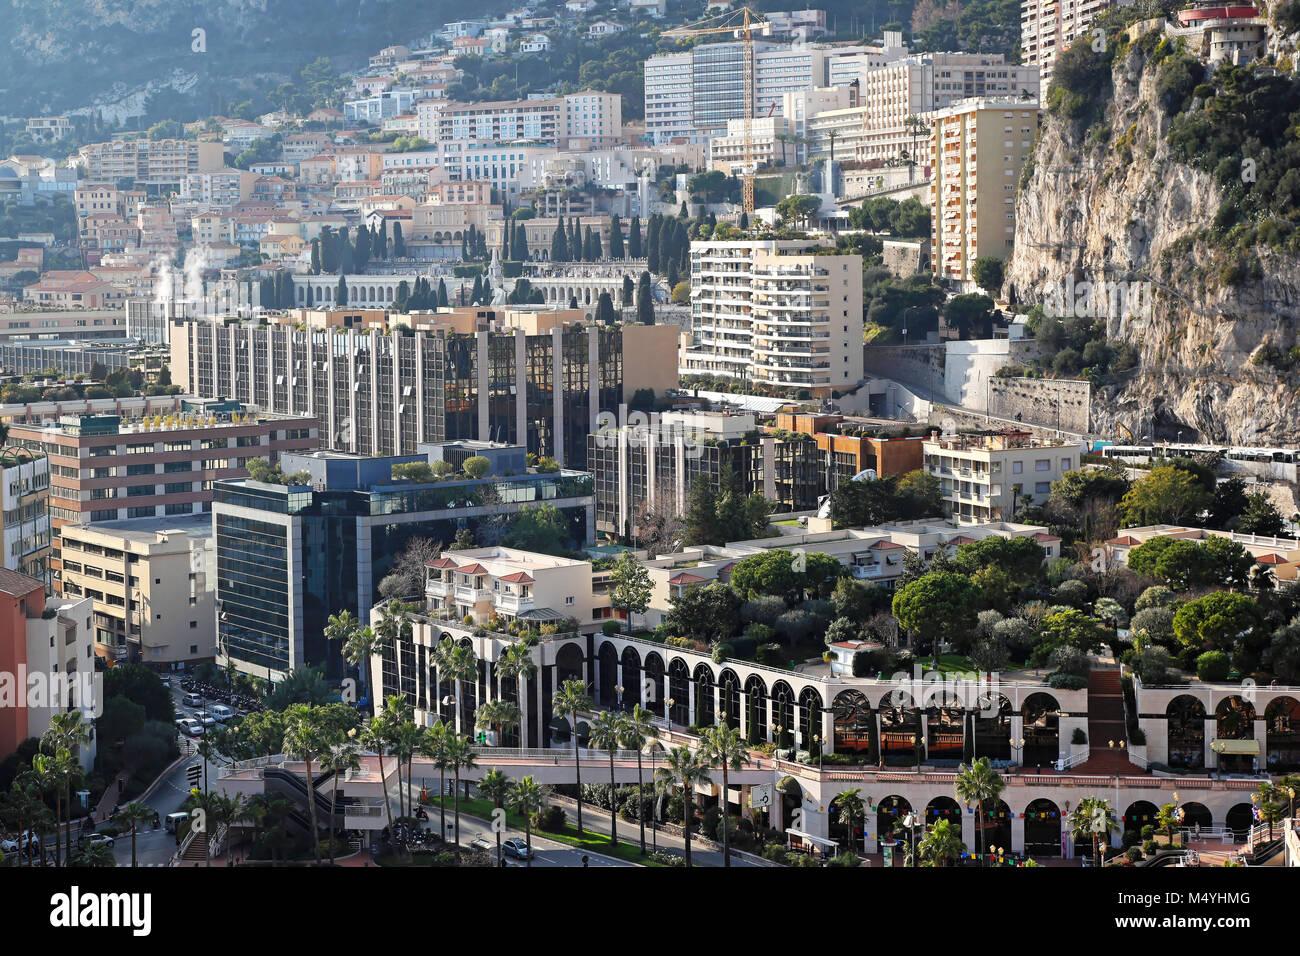 La Colle Monaco - Stock Image